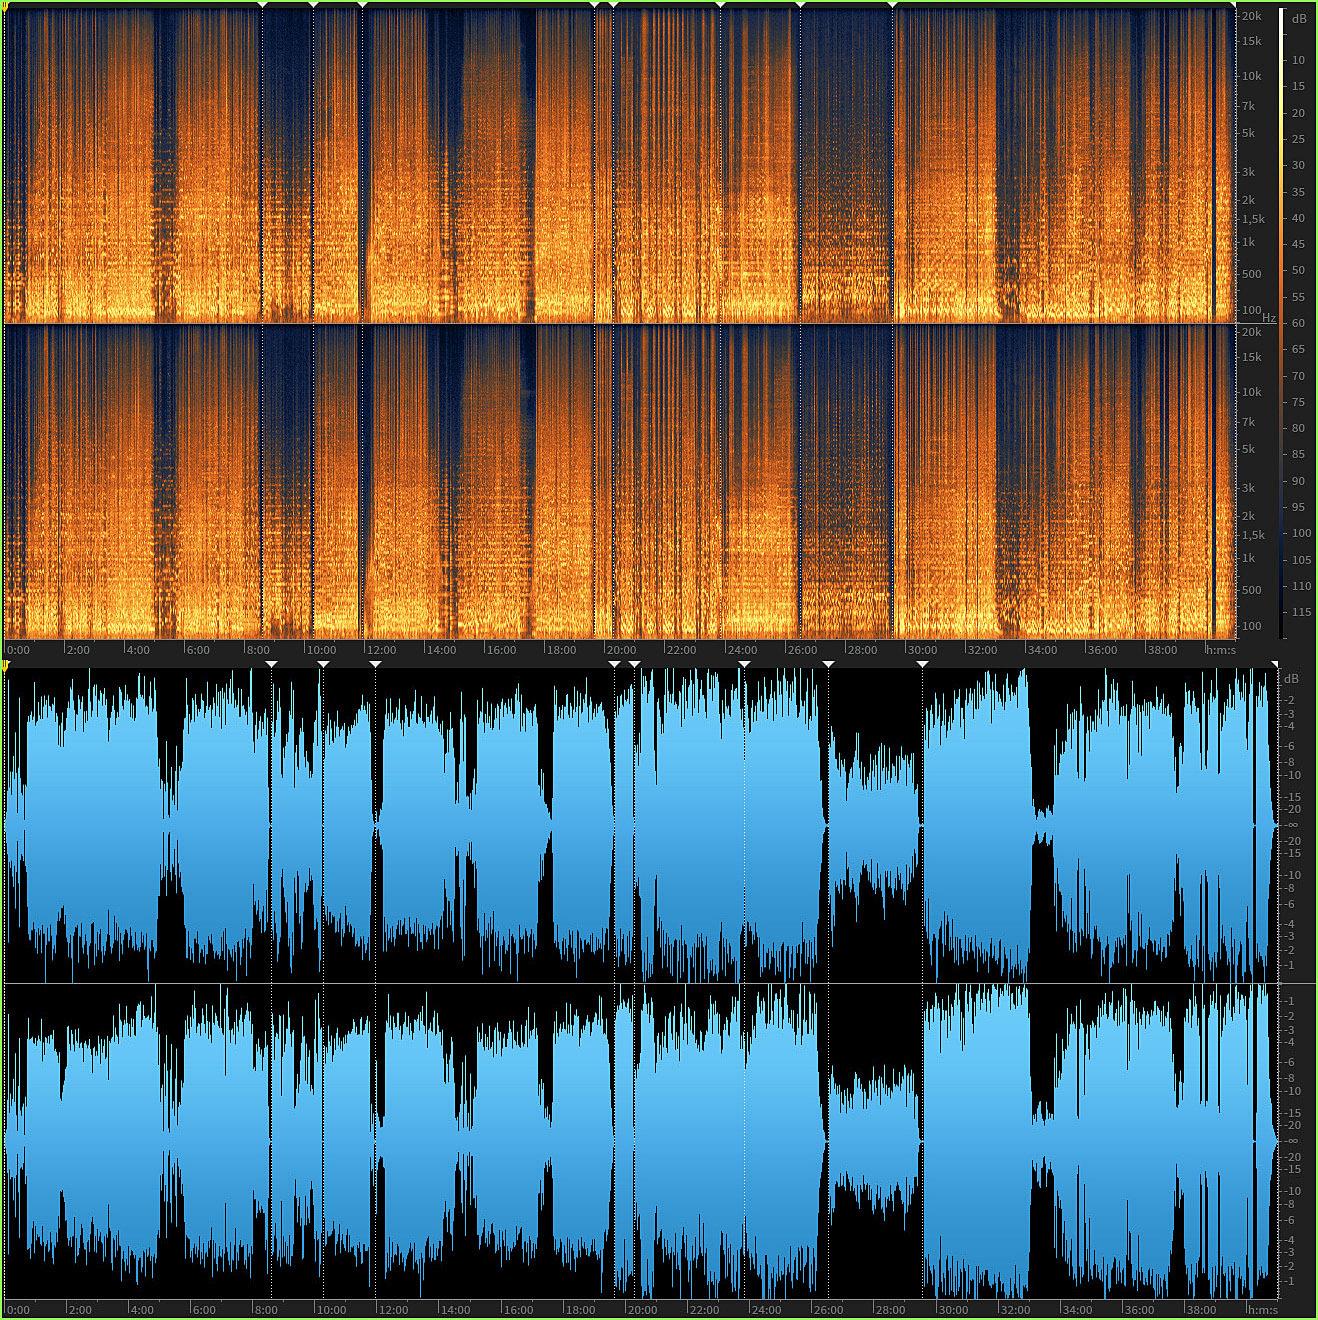 Yes71Fregile_spectrogram.jpg